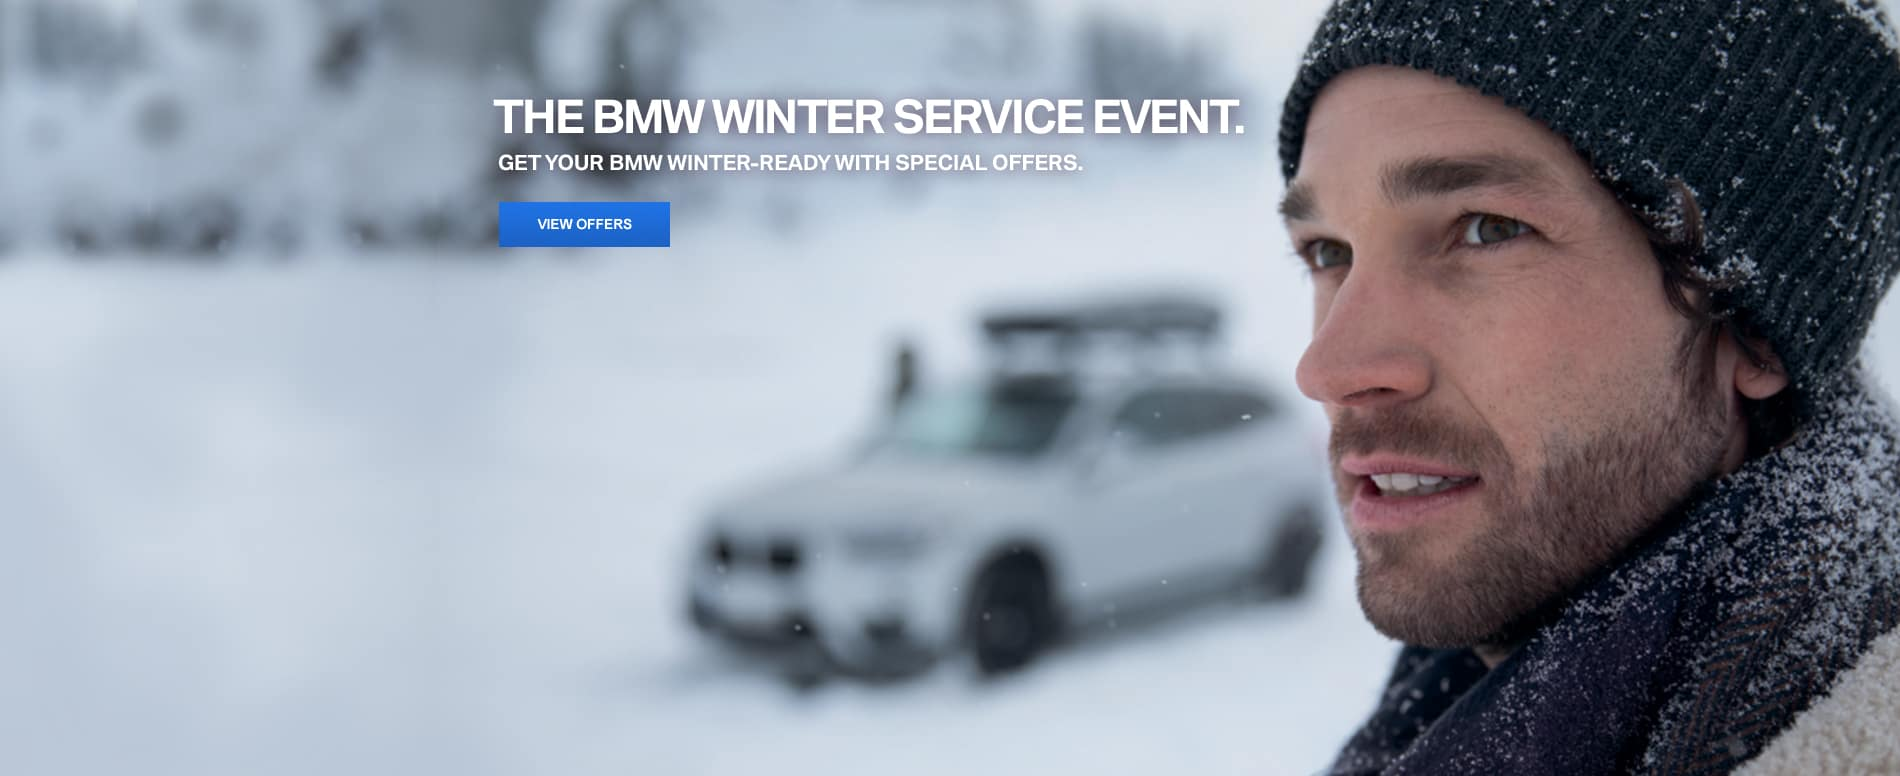 BMW Winter Service Slider